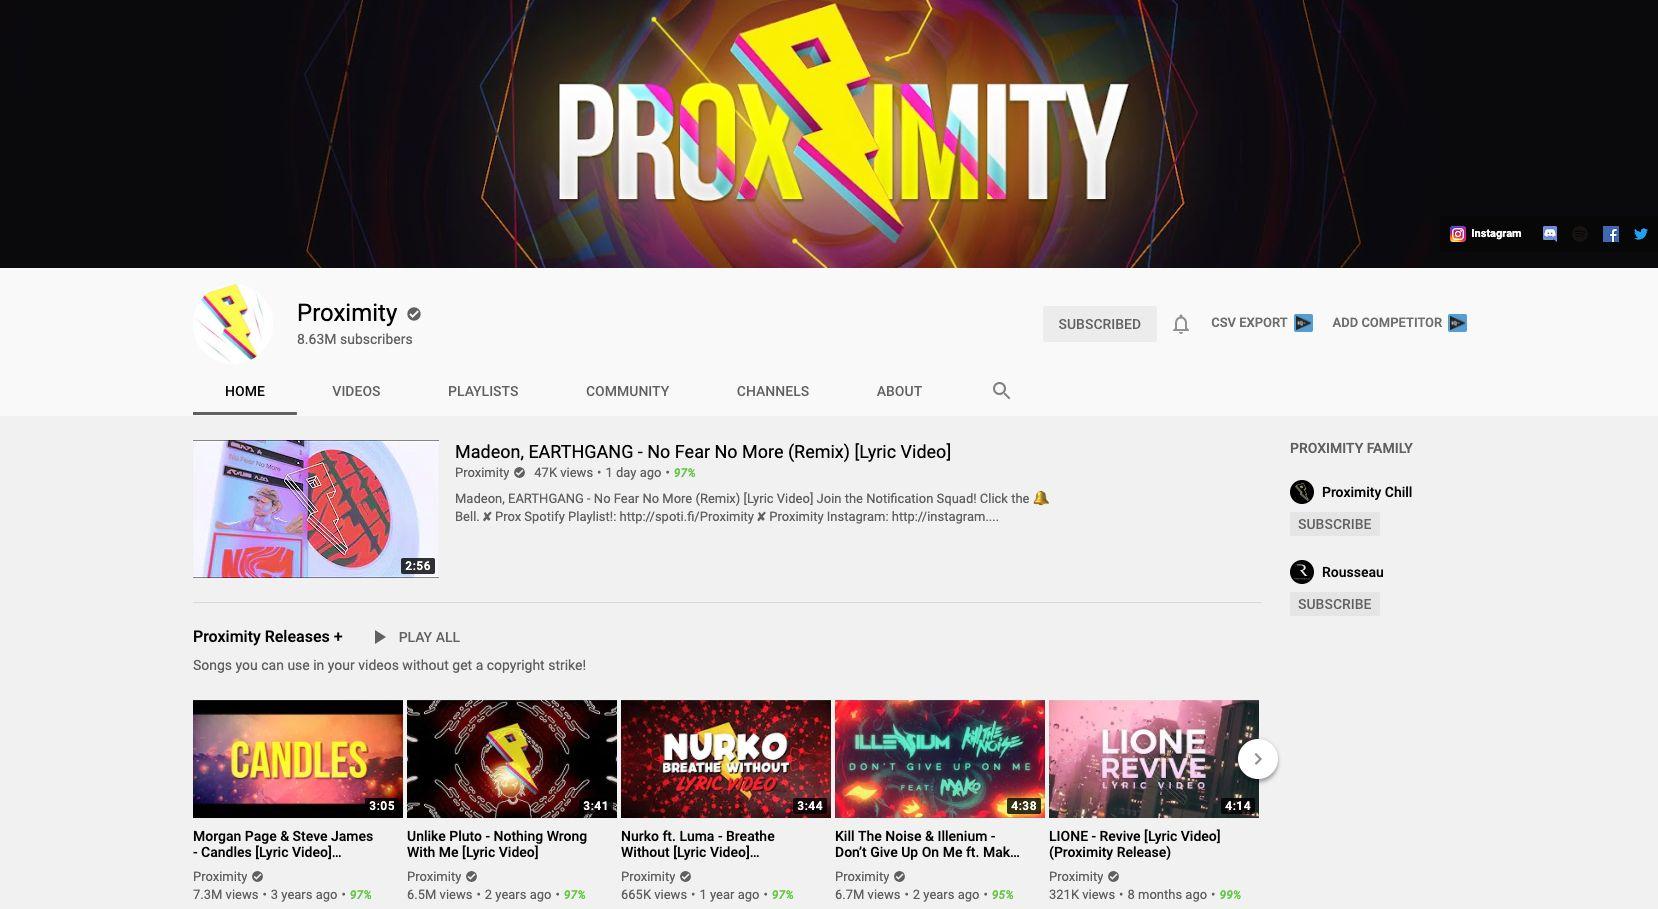 Proximity YouTube